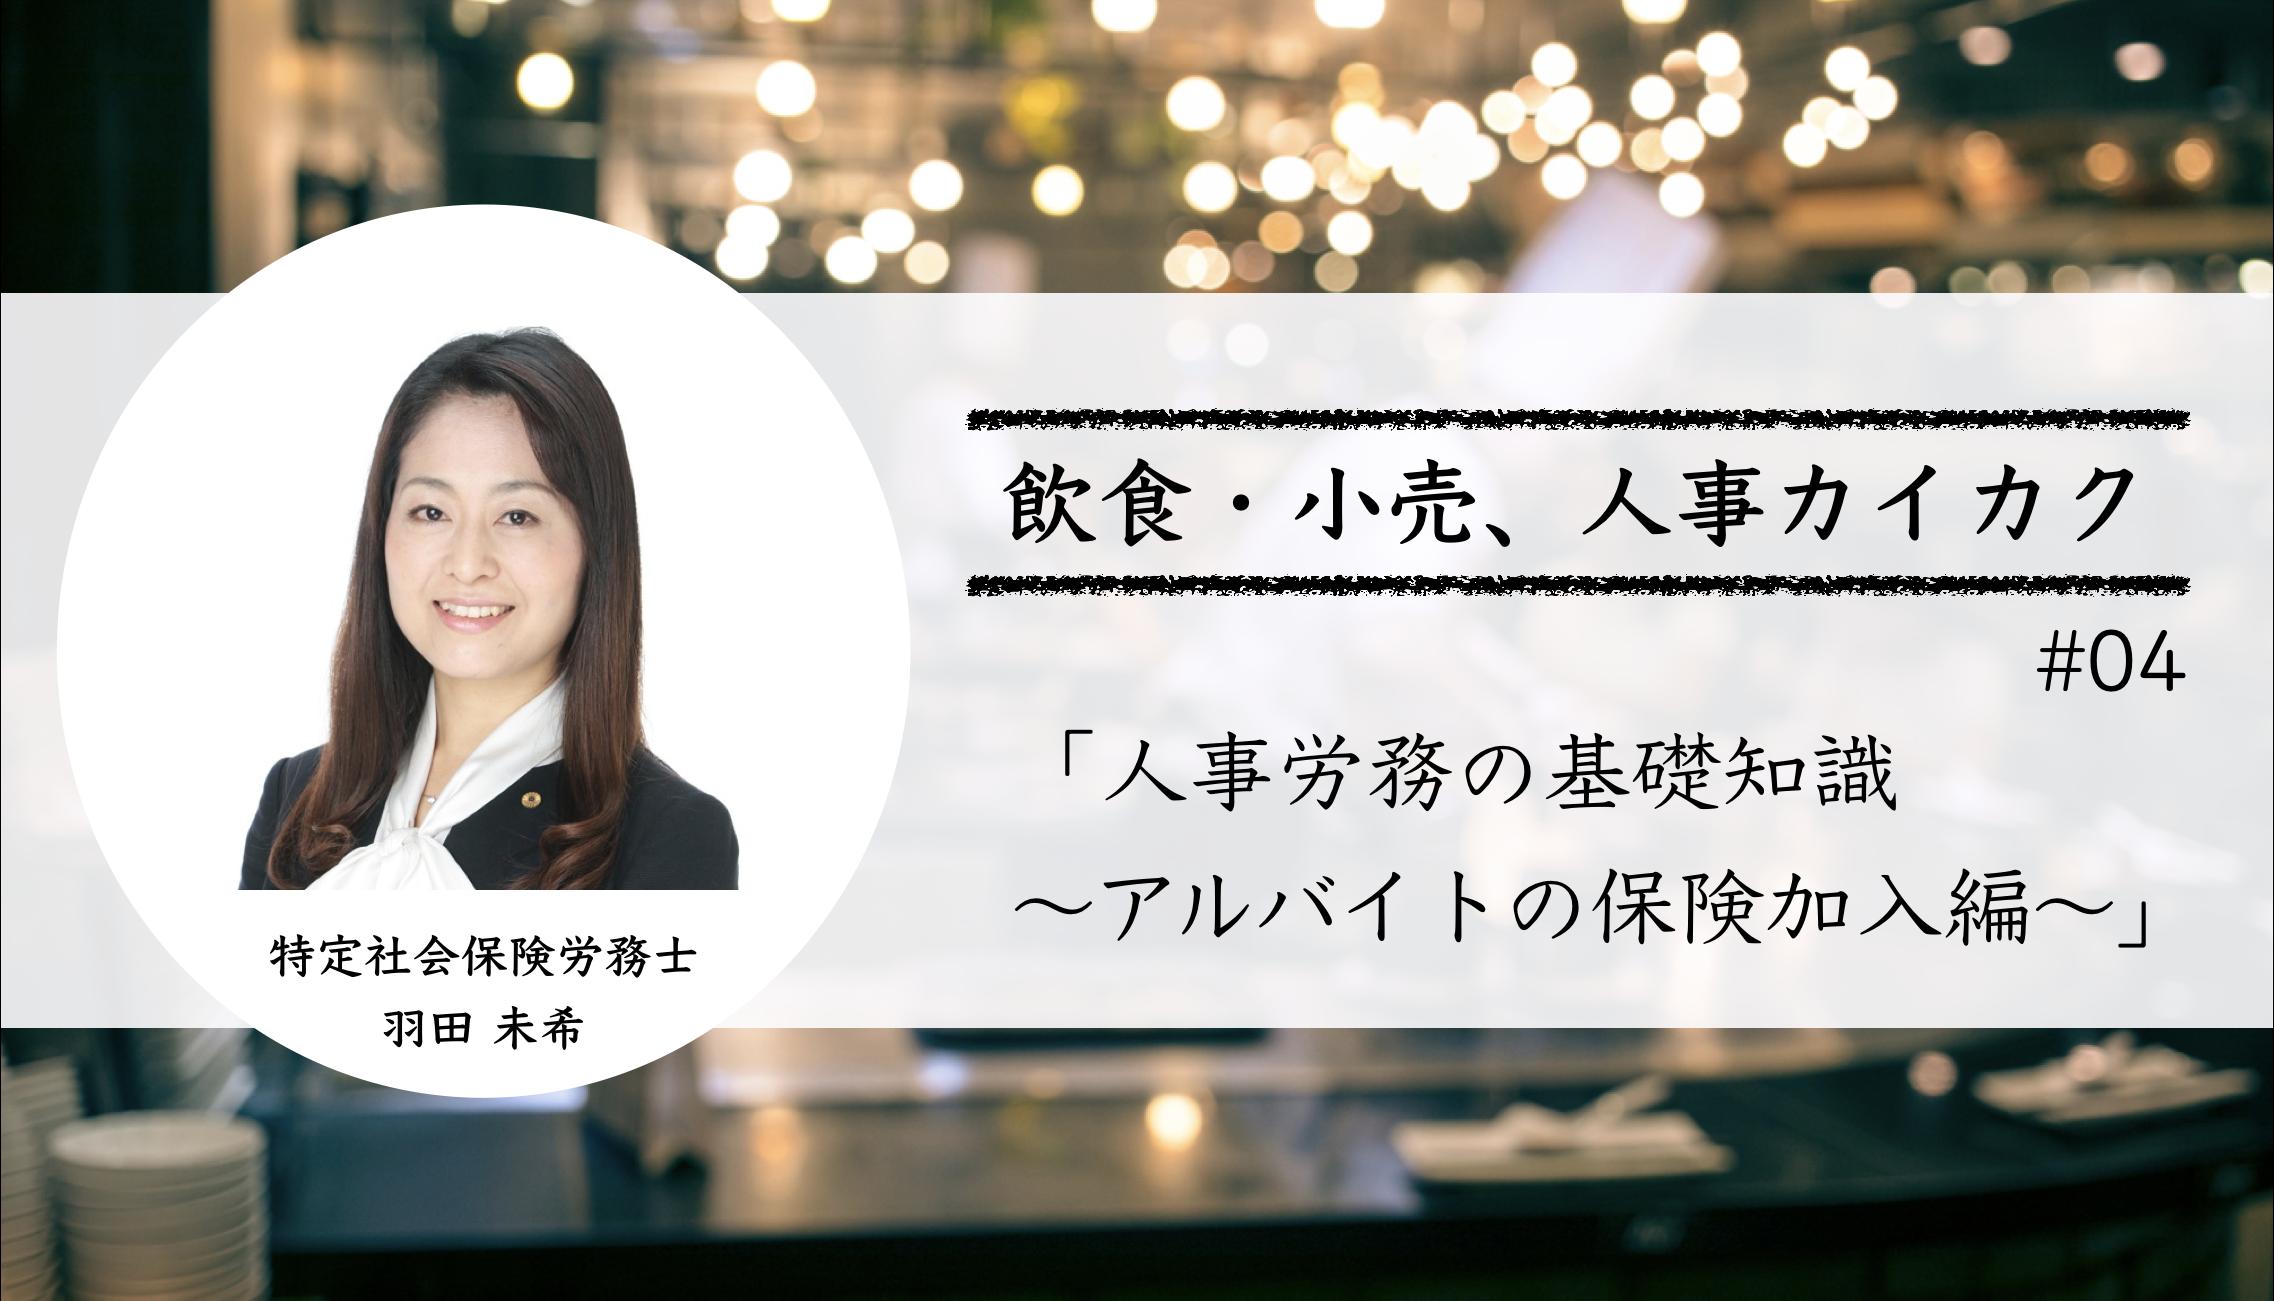 人事労務の基礎知識 ~アルバイトの保険加入編~【飲食・小売業、人事カイカク #04】